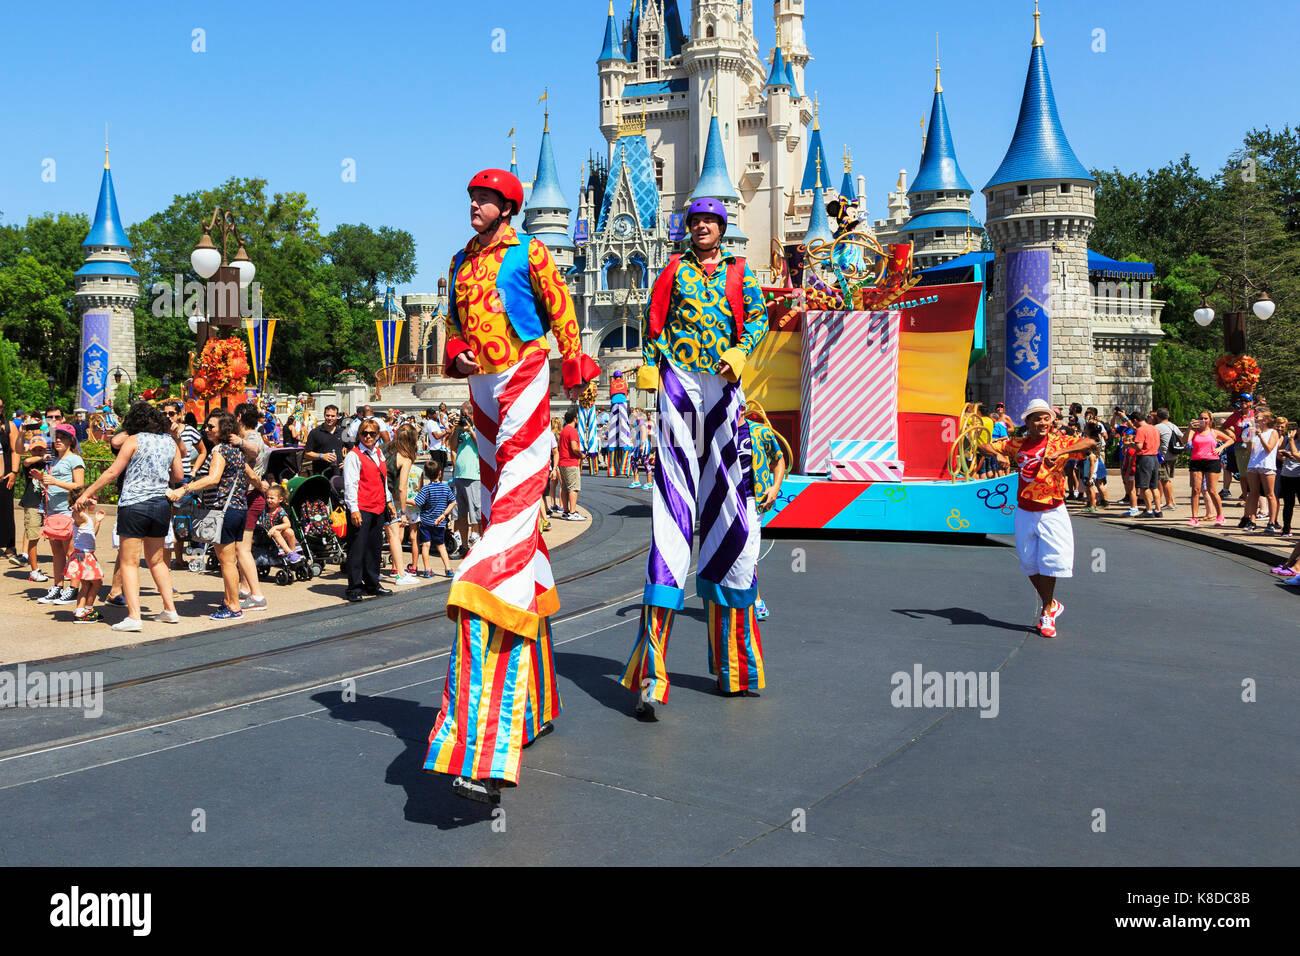 Pasacalles en Walt Disney's Magic Kingdom Theme Park, Orlando, Florida, EE.UU. Imagen De Stock